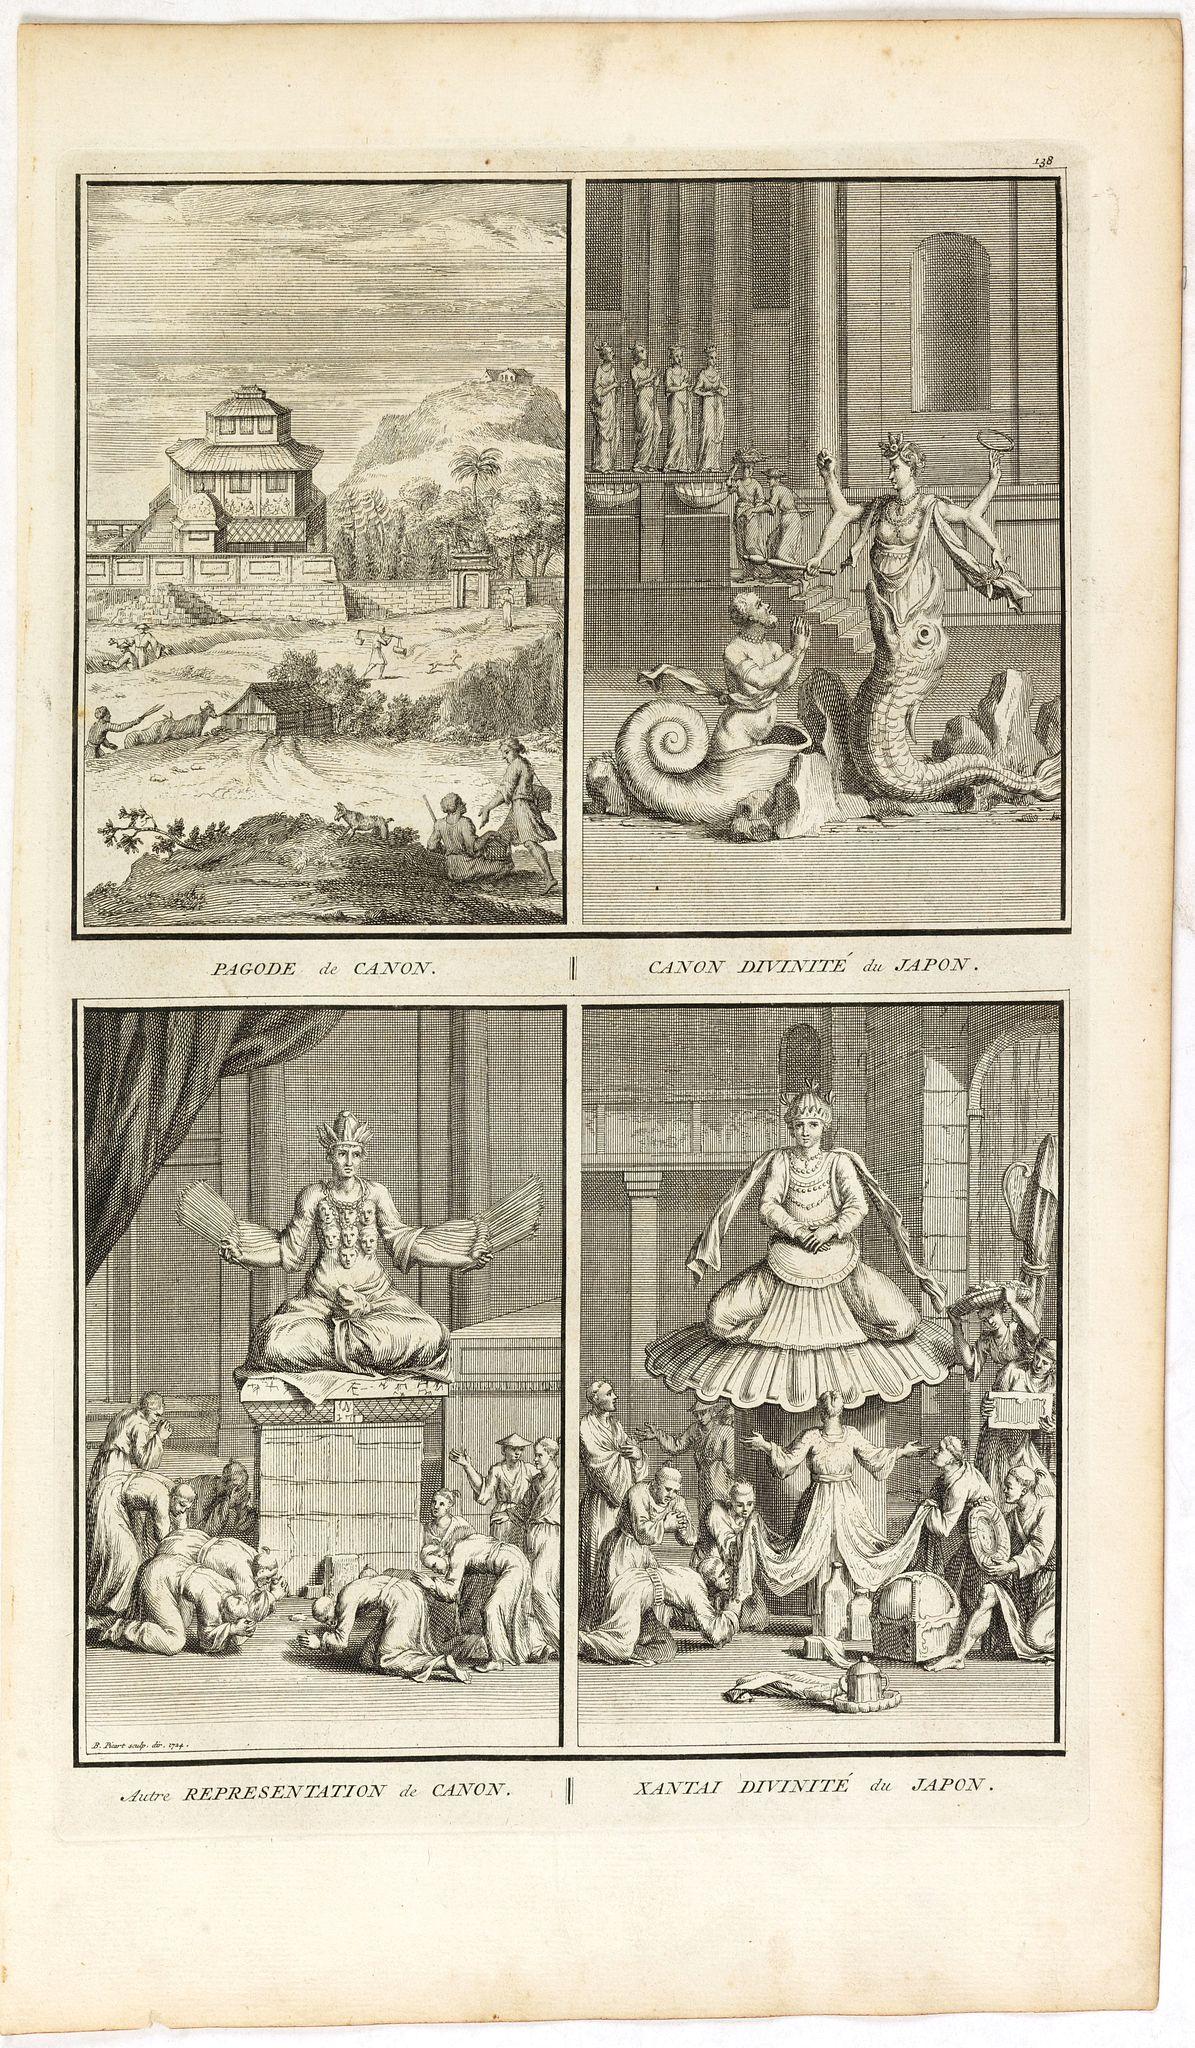 PICART, B. -  Pagode de Canon/ Canon divinité du Japon/ Autre représentation de Canon/ Xantai divinité du Japon.